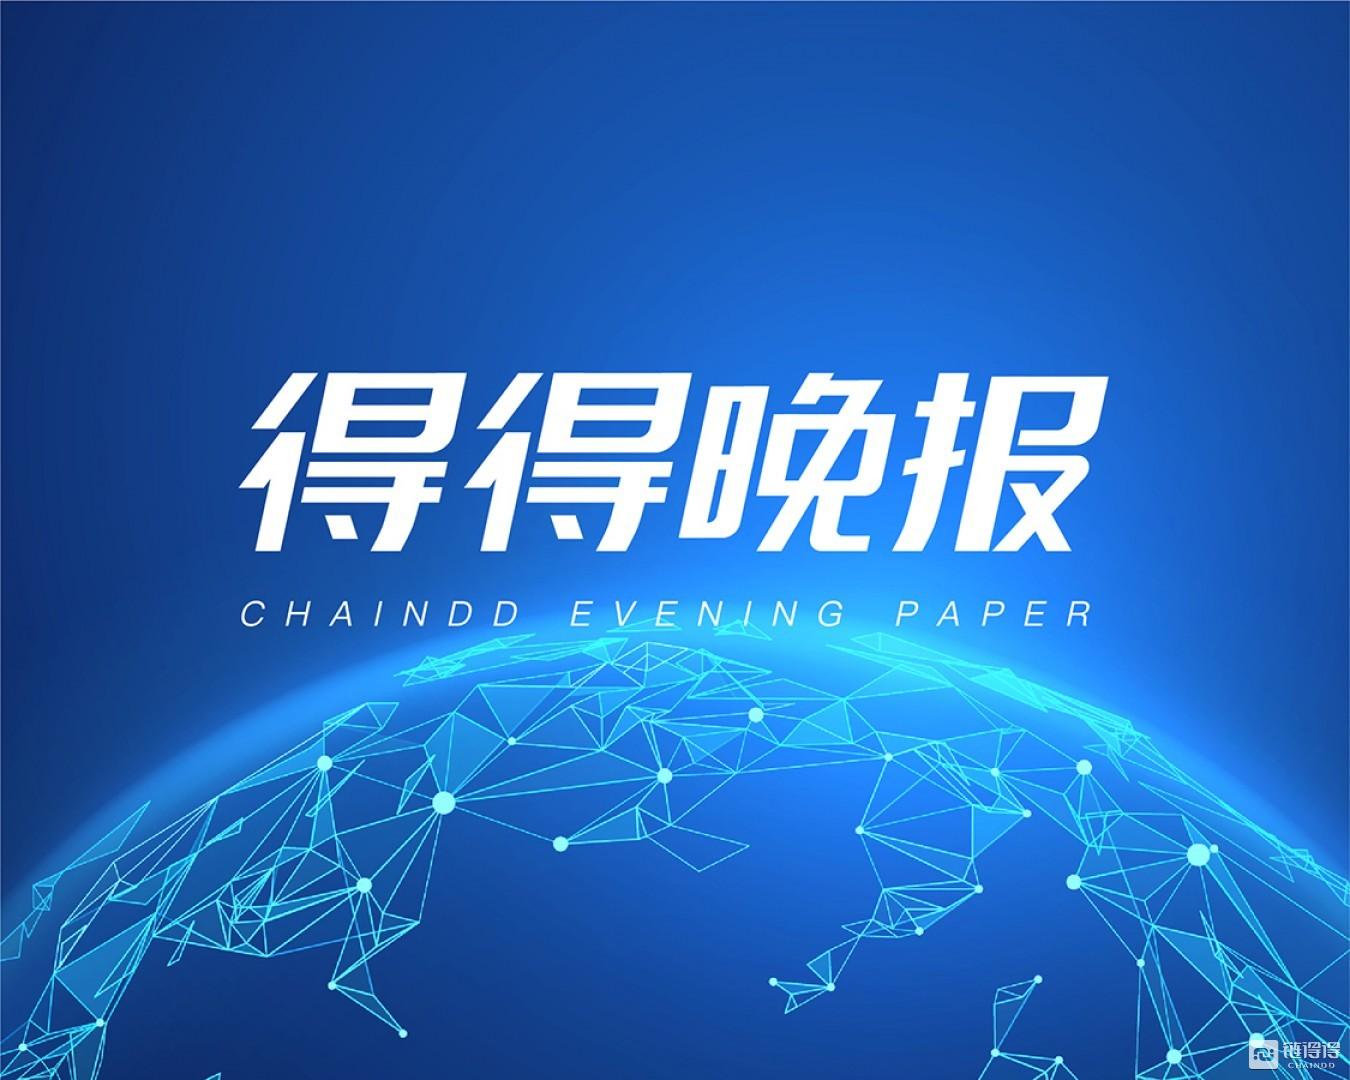 【链得得晚报】央行:具备数字货币特征的电子支付工具研发工作取得阶段性进展